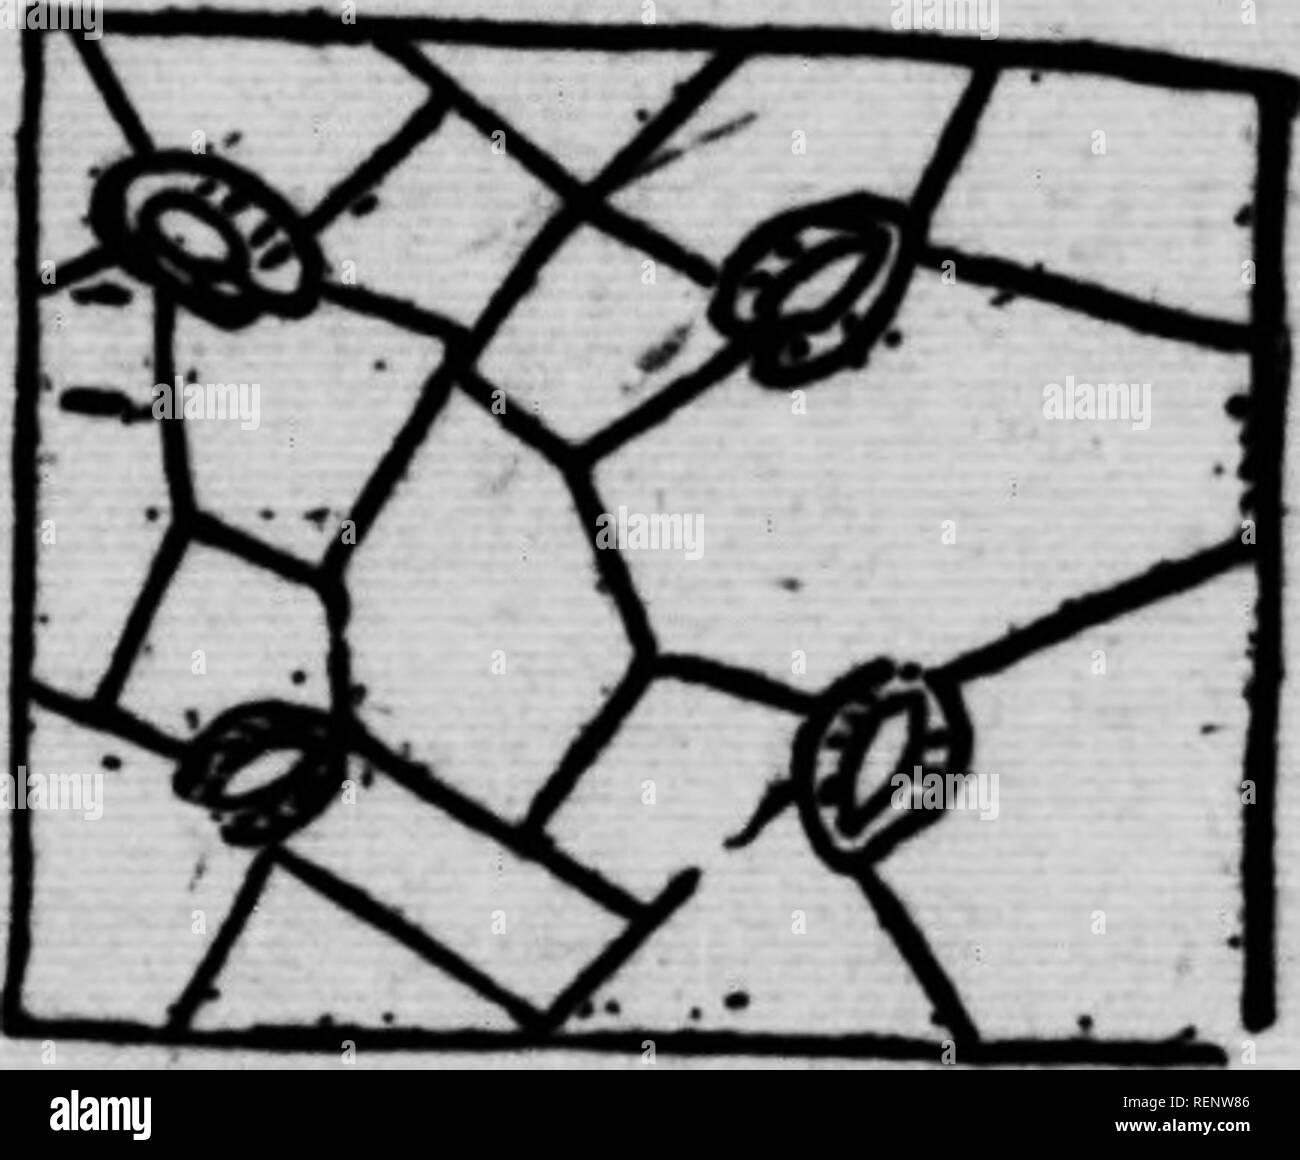 """. Abrégé de Botanique [microforme]. Botanique; Botanik. FEUILL ^21. T^', J^8^Â""""Â""""^ Â""""*. ≪Â""""Â"""" ont Les feuilles des plantes dicotylÃ"""" - DONÀ"""" es (E """"ble, par Beispiel) qui offrent cette Verzweigung à 1 Infini des nervures; chez les monocotylà © dones, Les nervures Wnt presque parallèles dans l'étendue de La Feuille (Blé dinde). Les nervures diminuent de grosseur à mesure qu'el-IM-se ramifient. brunes qui Donne la couleur Verte aux feuilles et de généRAL-aux-parteien herbacà © es des Plantes, c'est une matière granuleuse nommà © e Chlorophylle, contenue dans les cellules. L'ée"""" t ordinair piderme Stockfoto"""